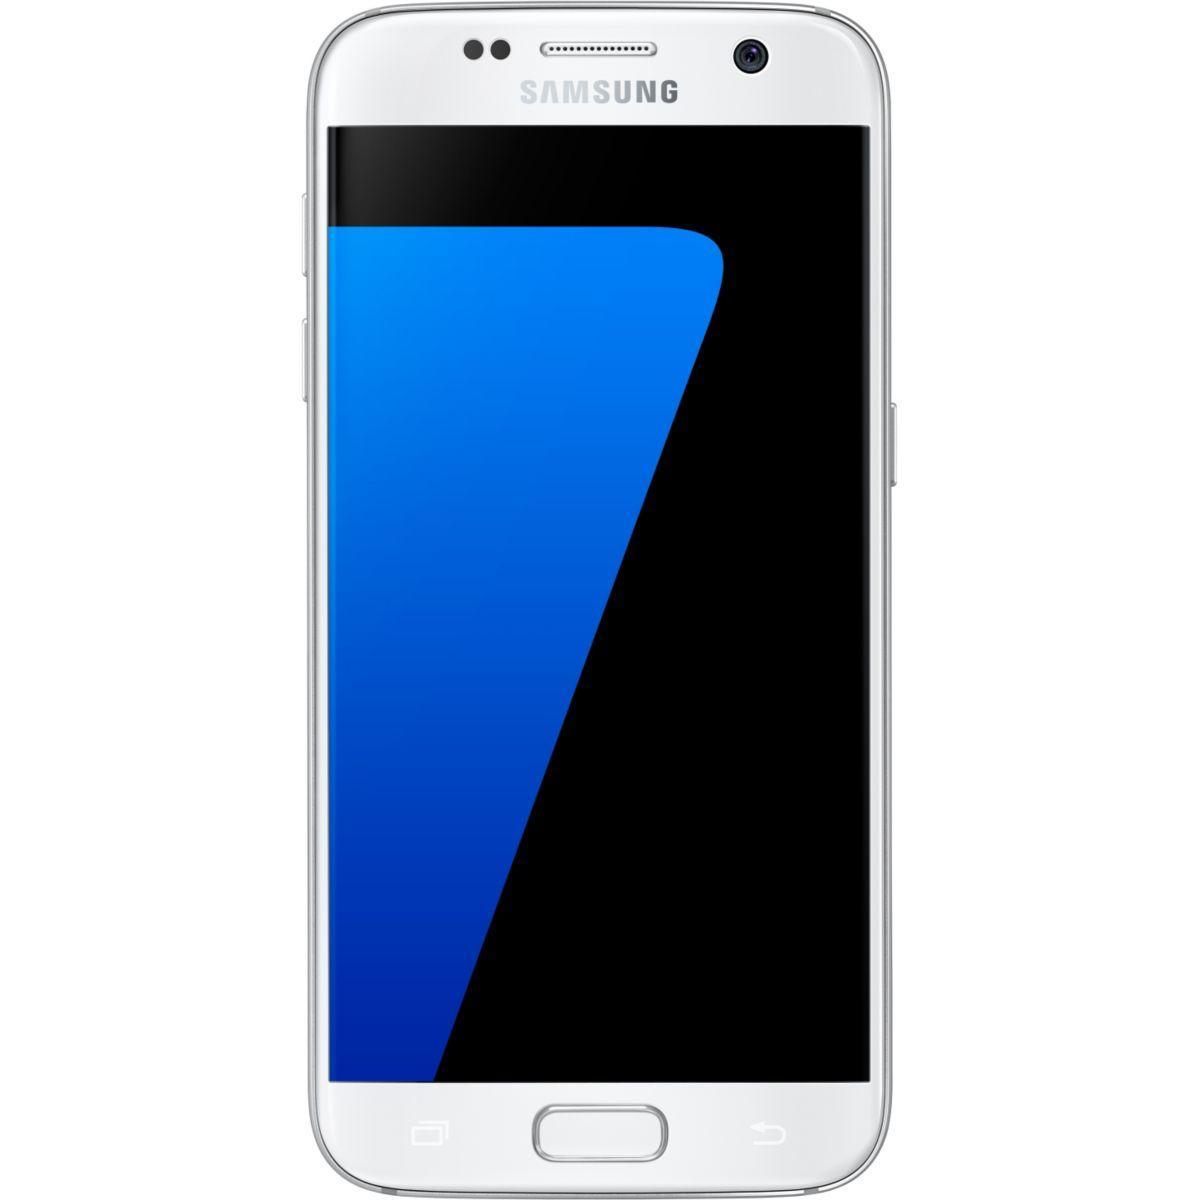 Pack promo smartphone samsung galaxy s7 32go blanc + coque samsung cuir noir galaxy s7 - soldes et bonnes affaires à prix imbattables